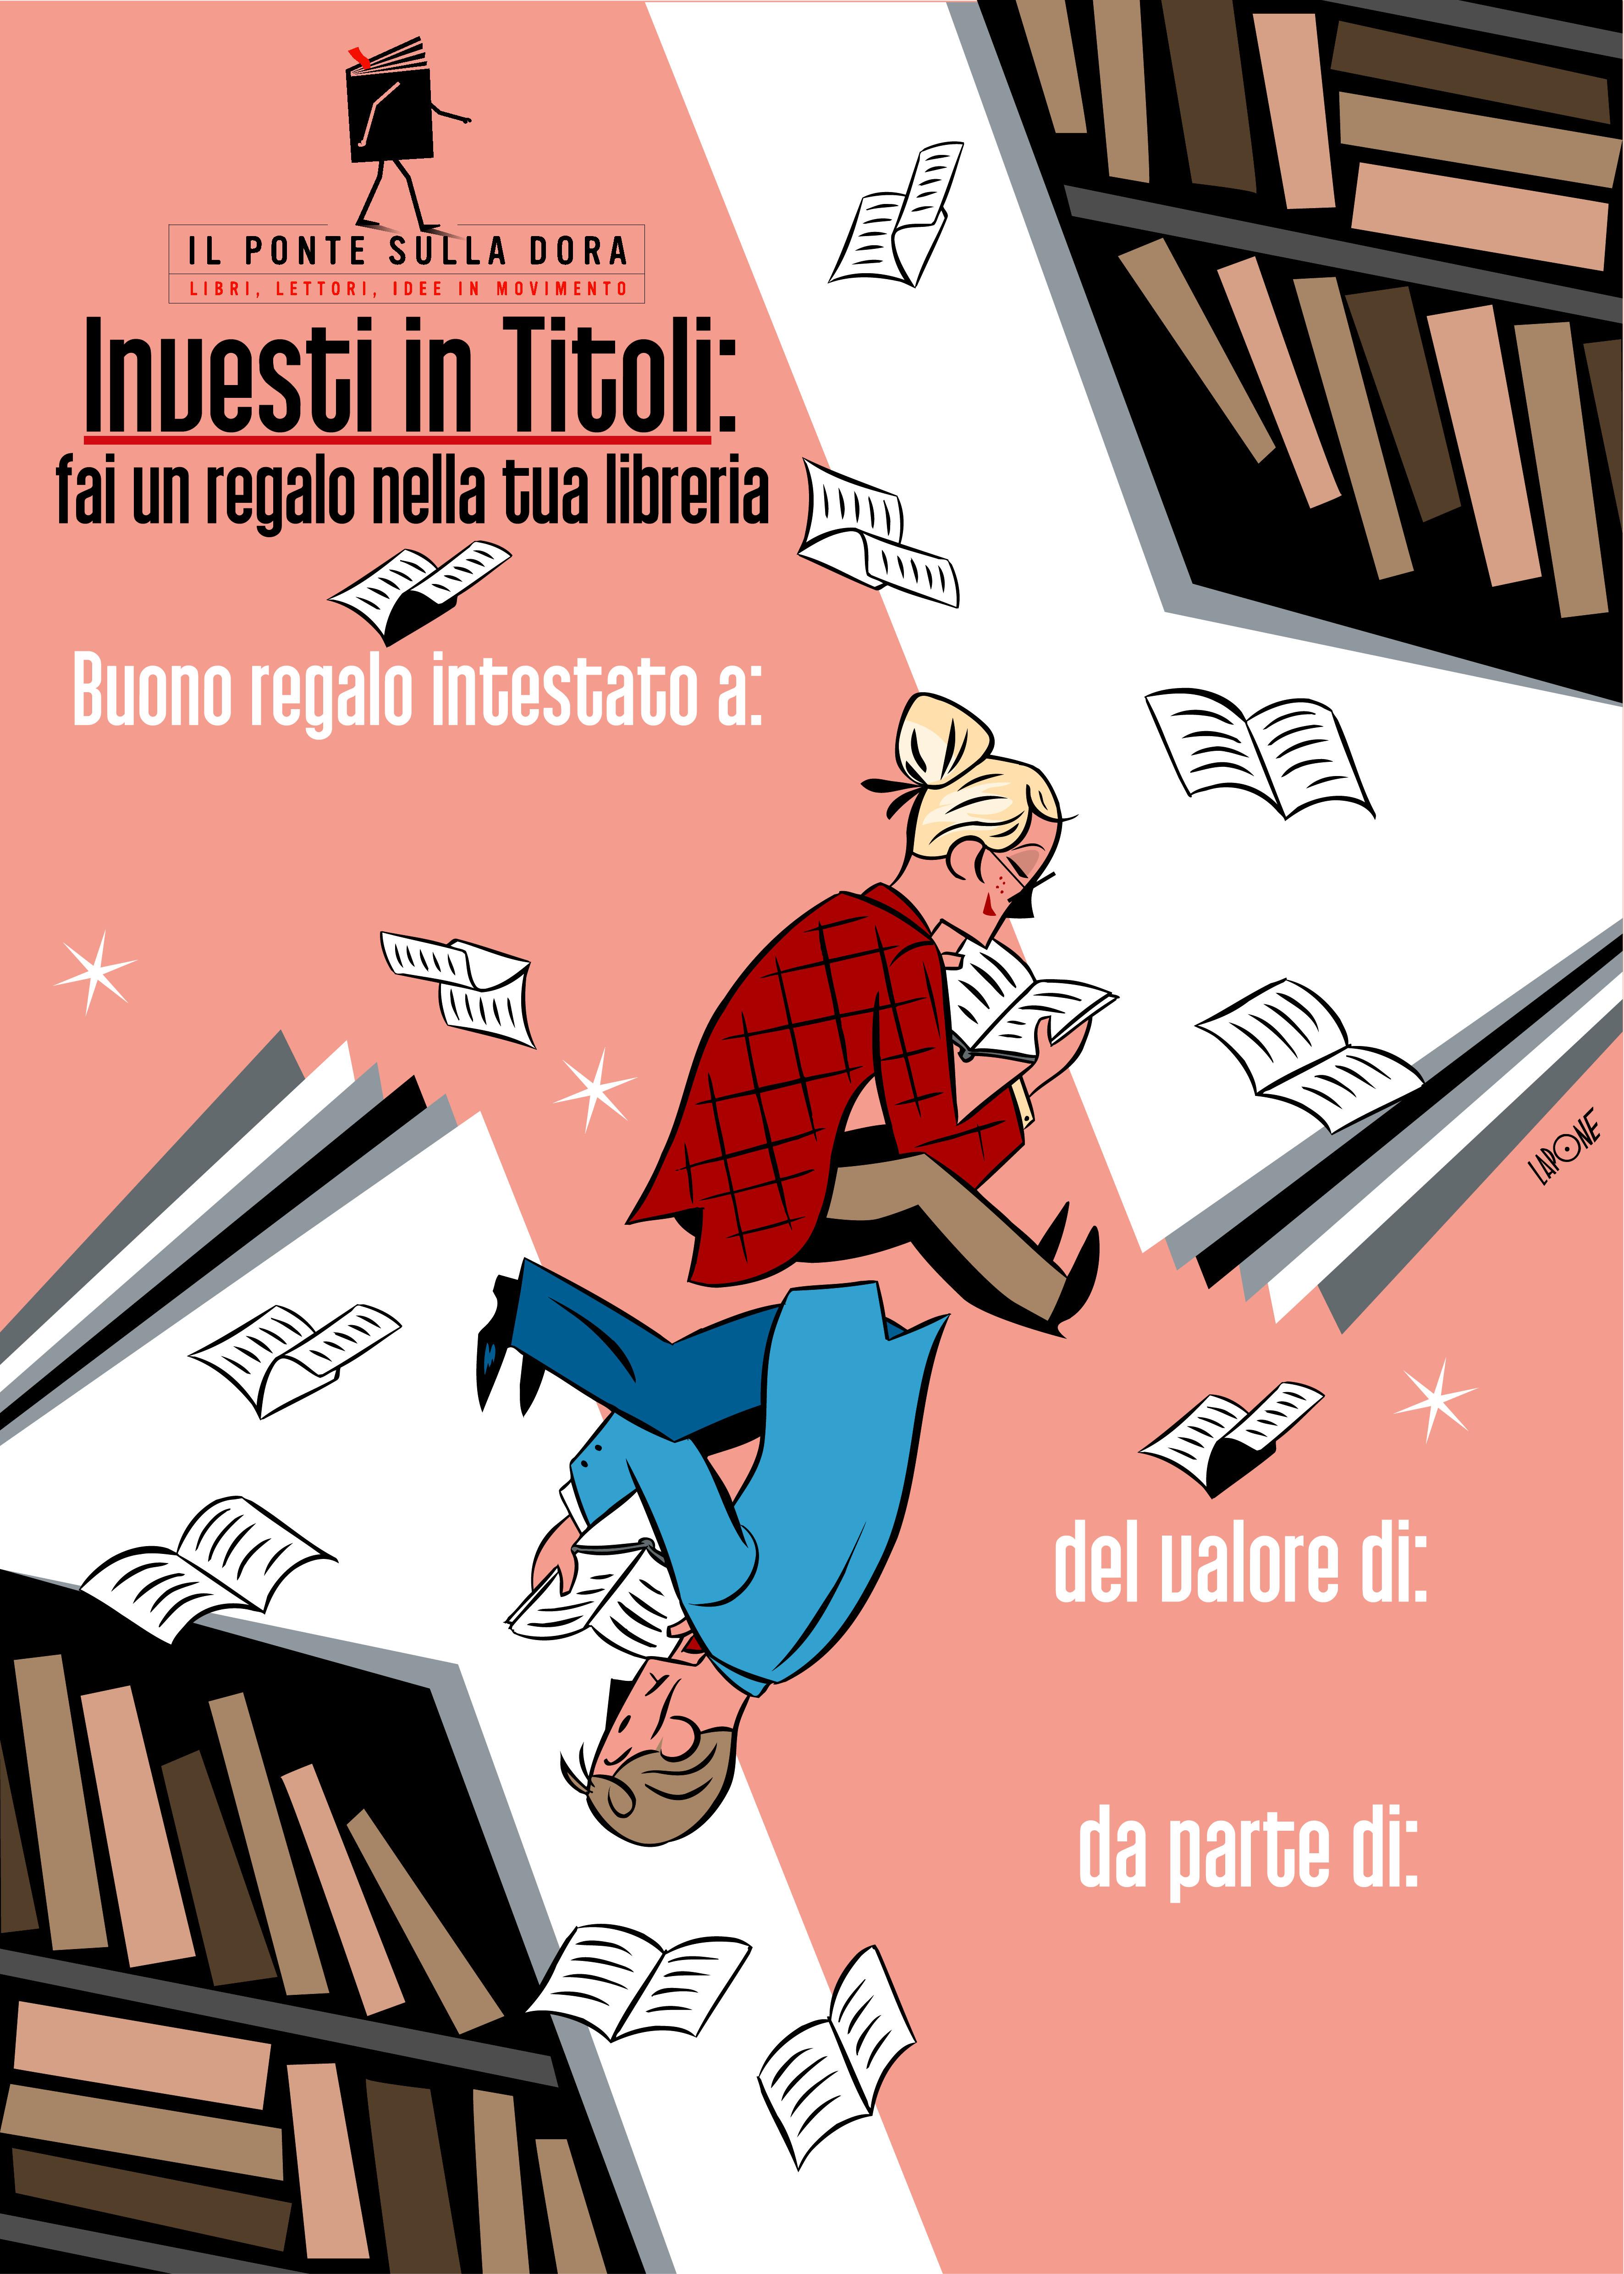 Illustrazione di Antonio Lapone.